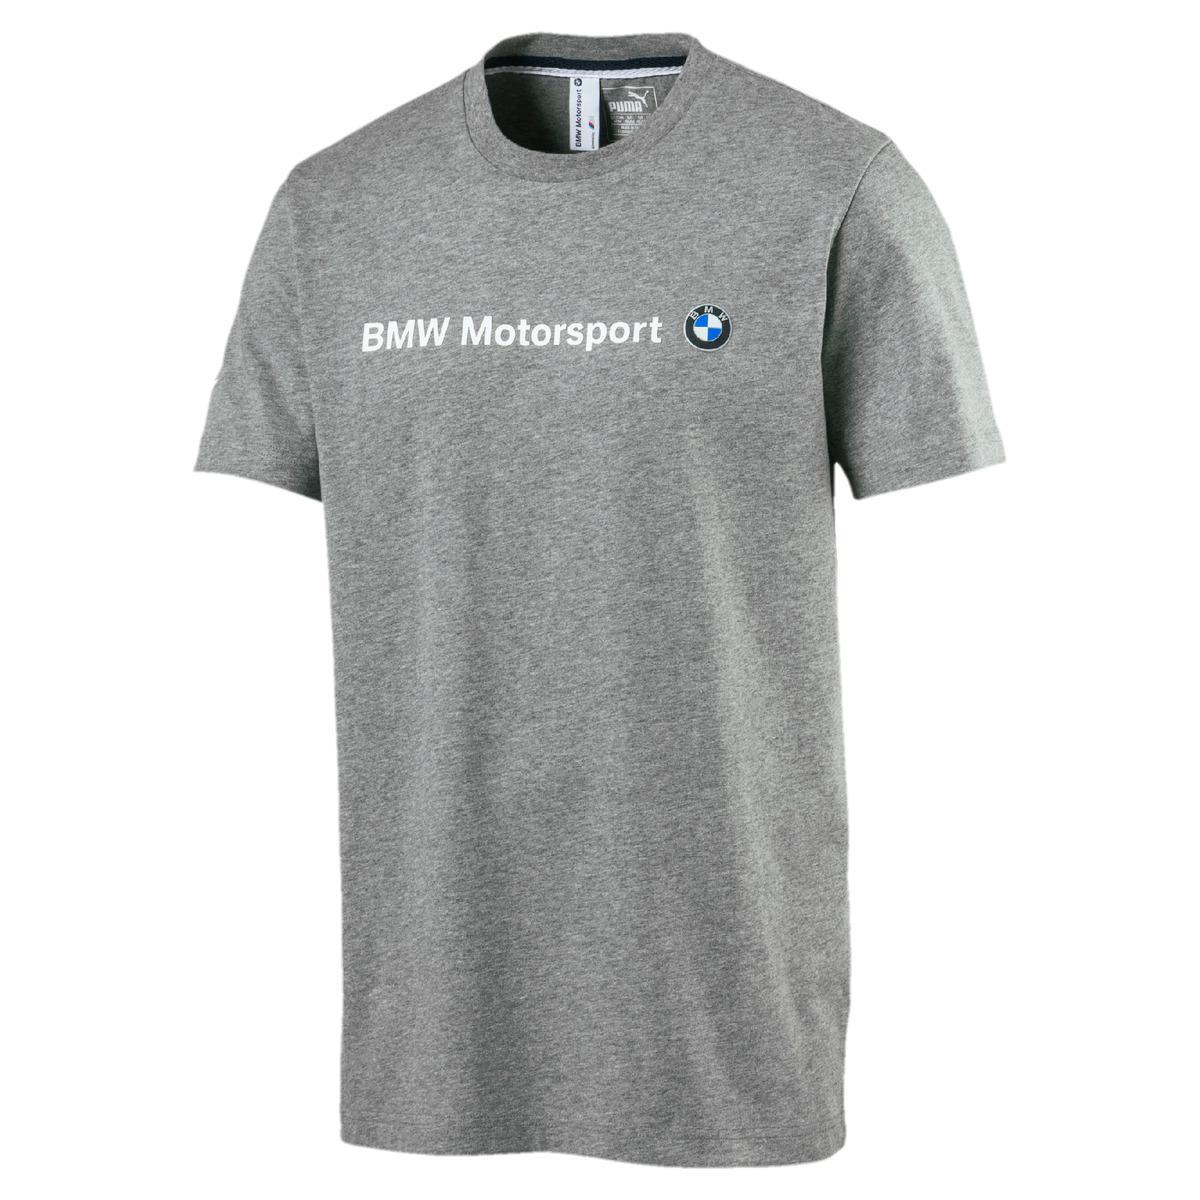 5746cc02f1f Lyst - PUMA Bmw Msp Logo T-shirt in Gray for Men